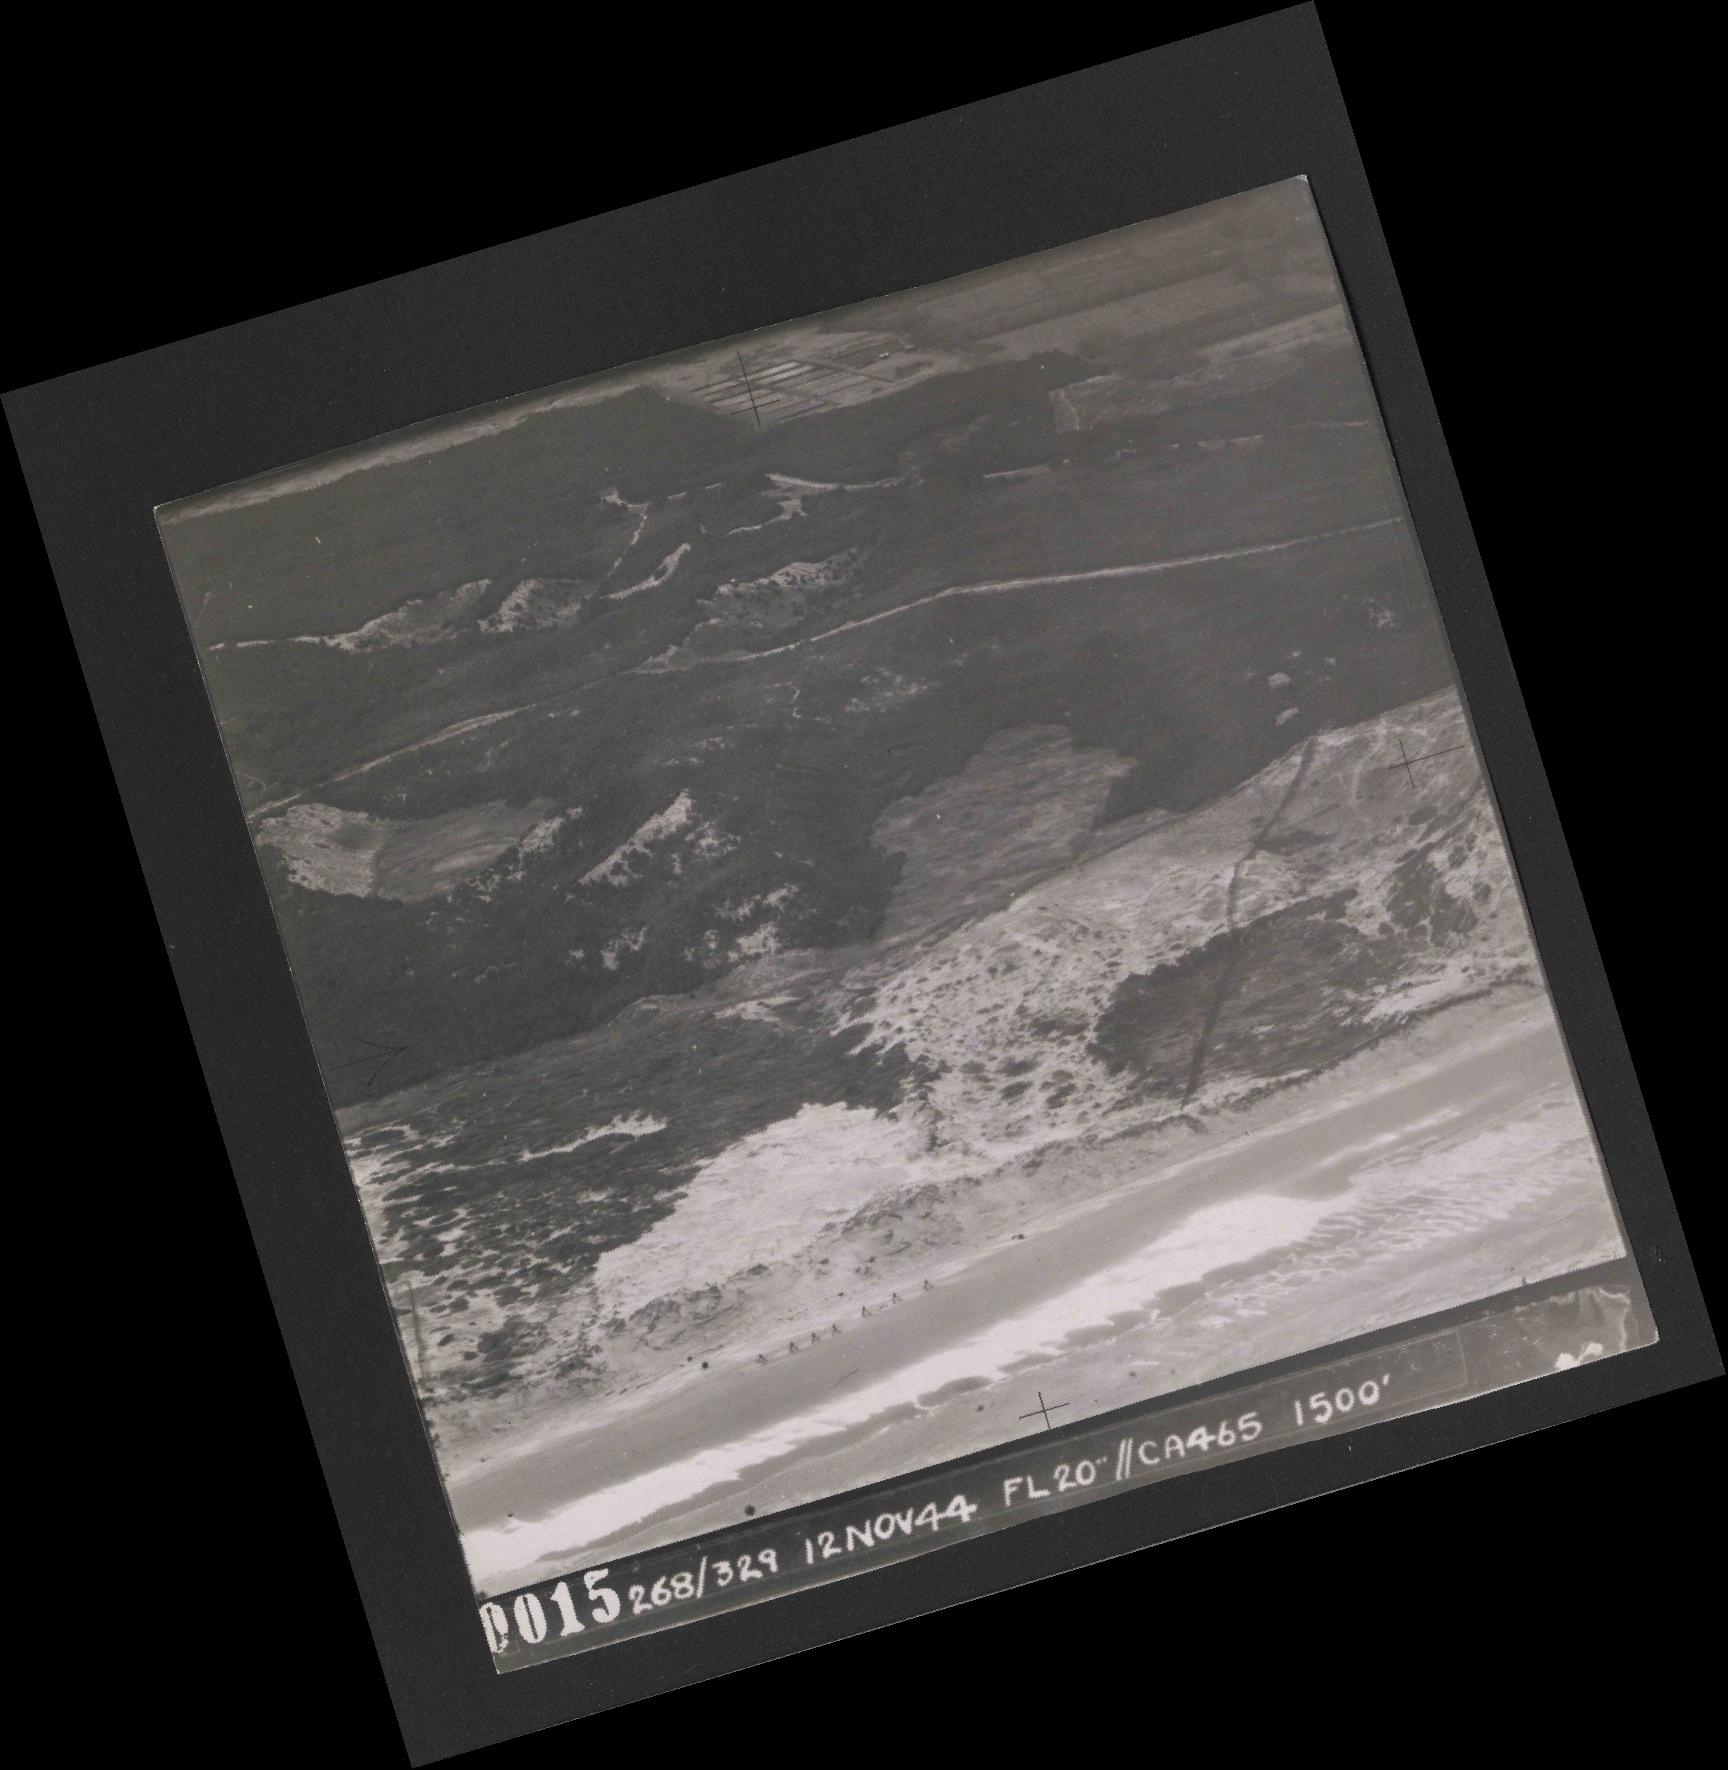 Collection RAF aerial photos 1940-1945 - flight 553, run 01, photo 0015